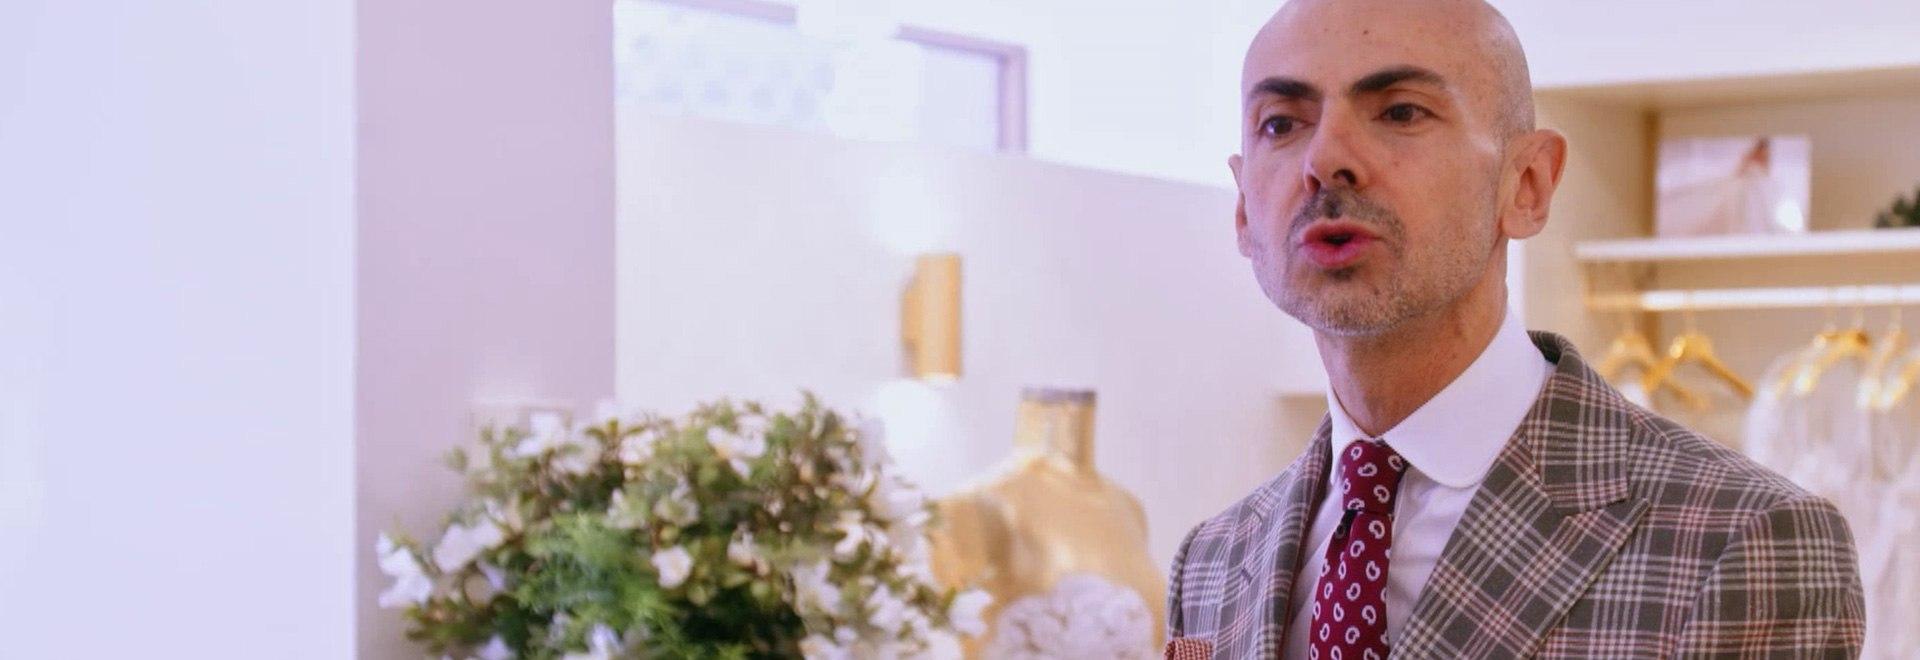 Abito da sposa cercasi Palermo stagione 1 episodio 5 | Sky